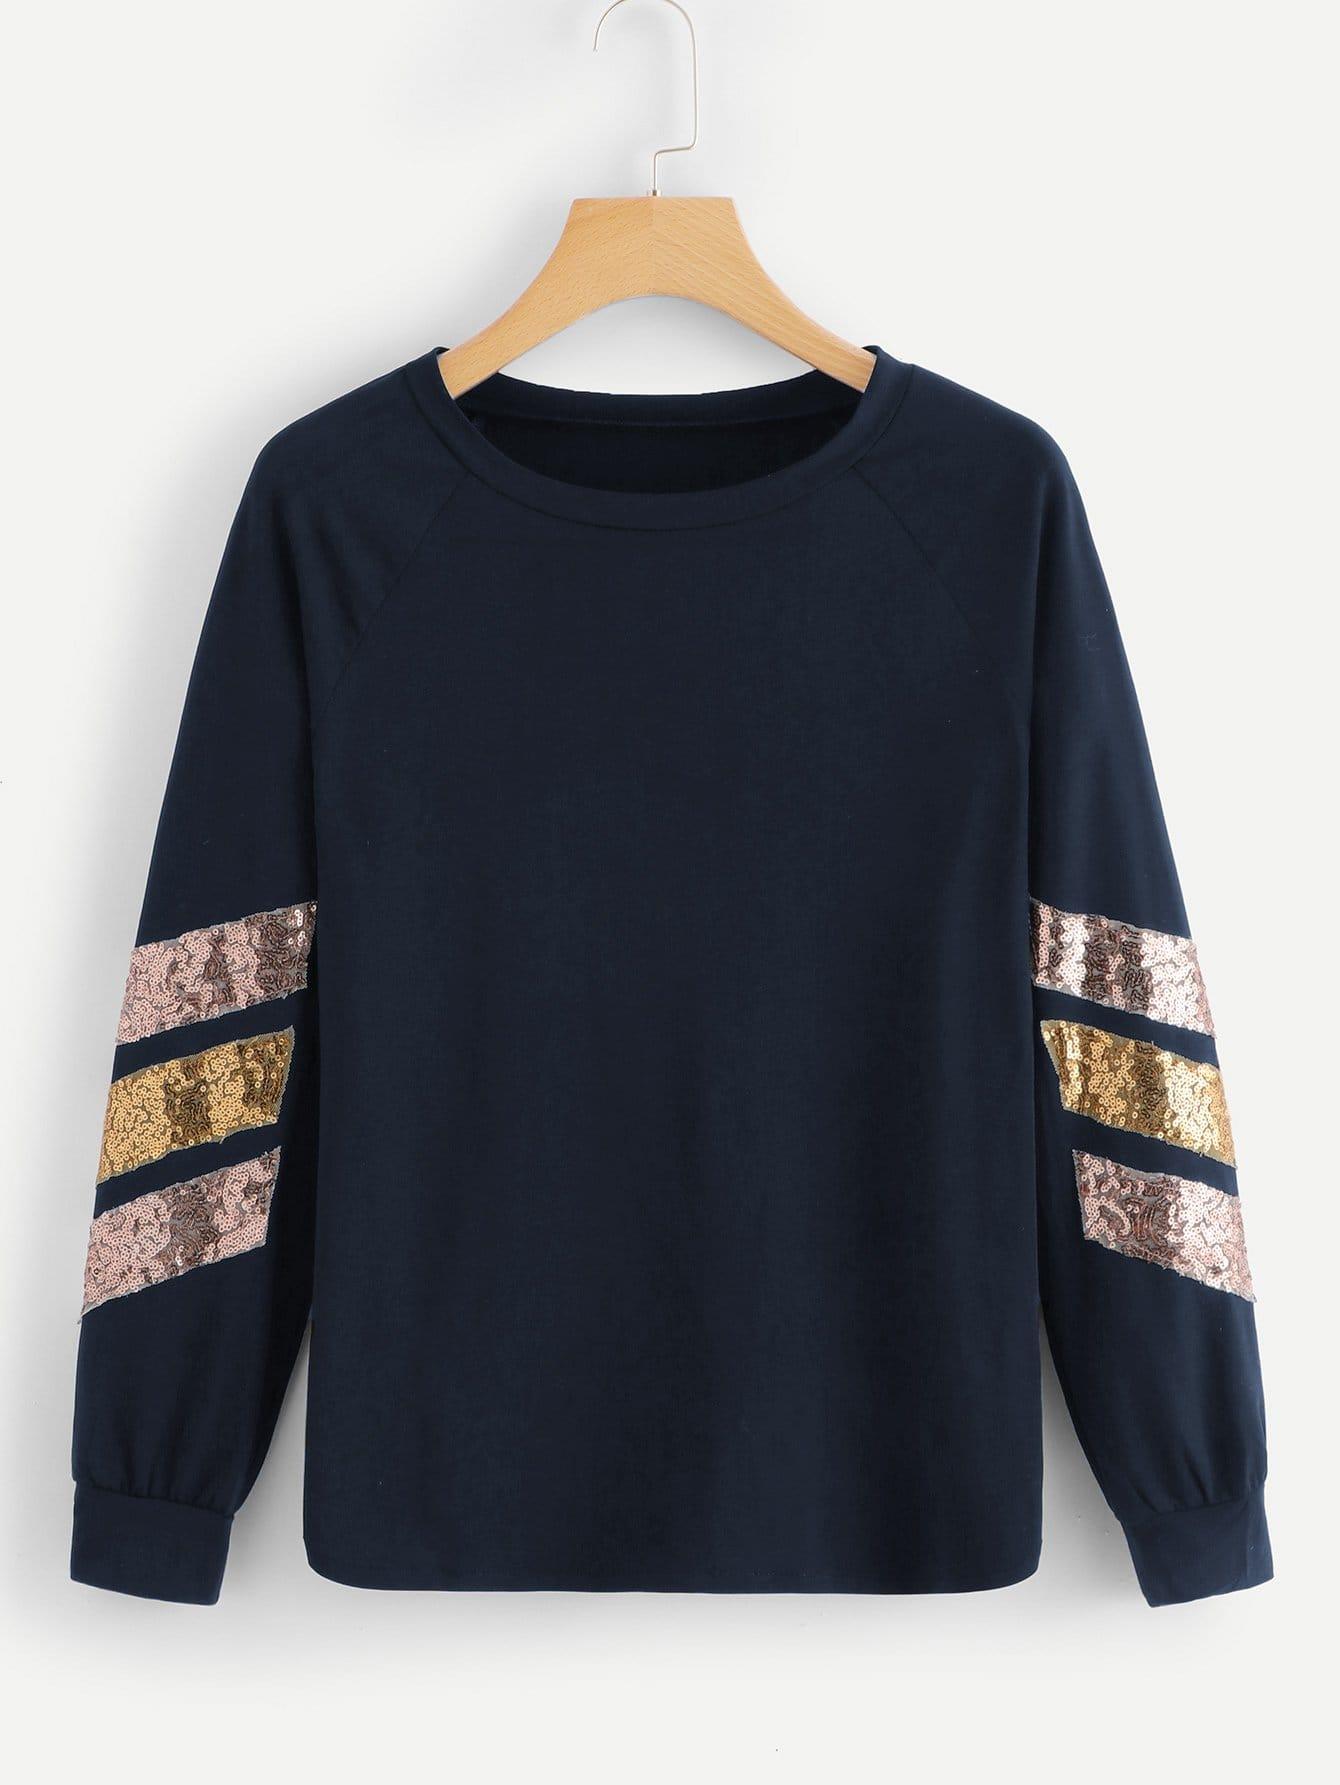 Фото - Контрастная полосатая футболка пайетки от SheIn тёмно-синего цвета